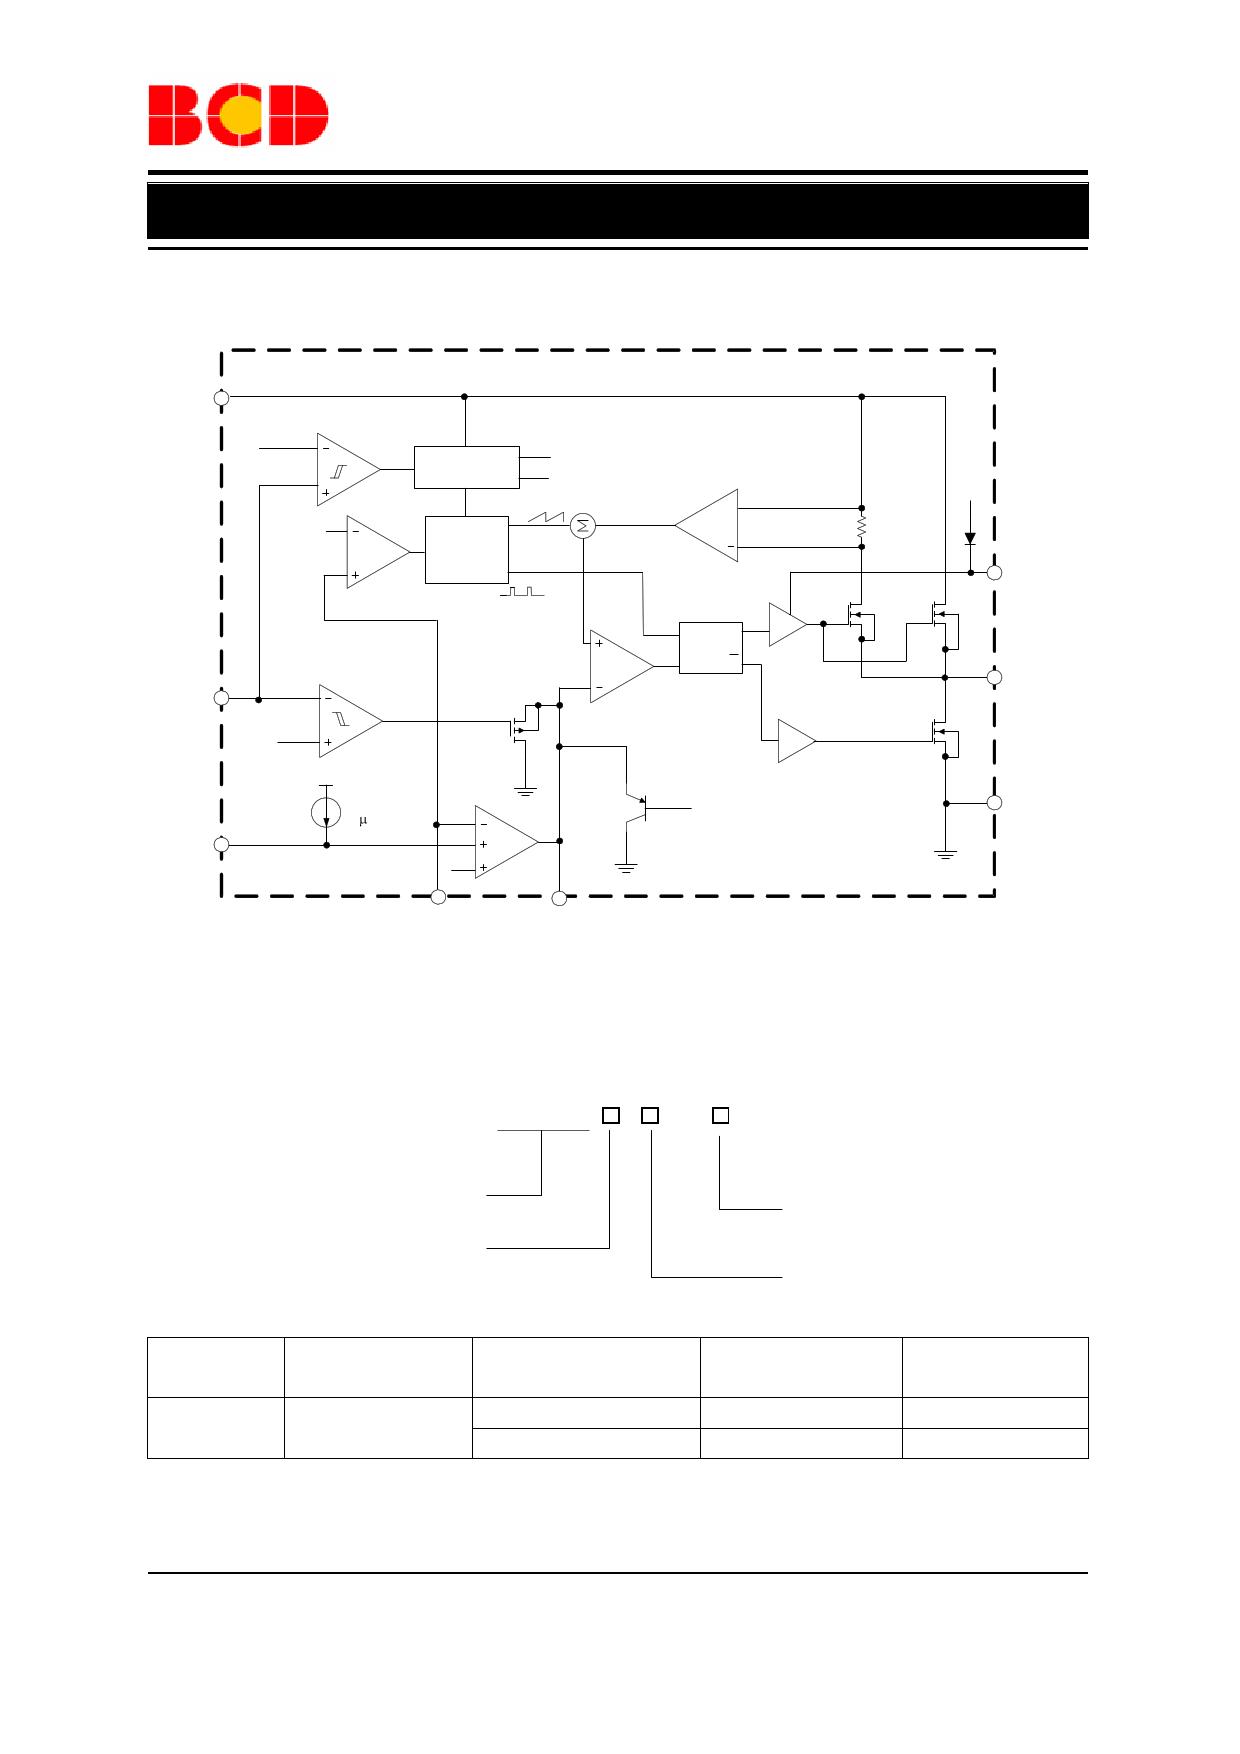 AP3503F pdf, 電子部品, 半導体, ピン配列